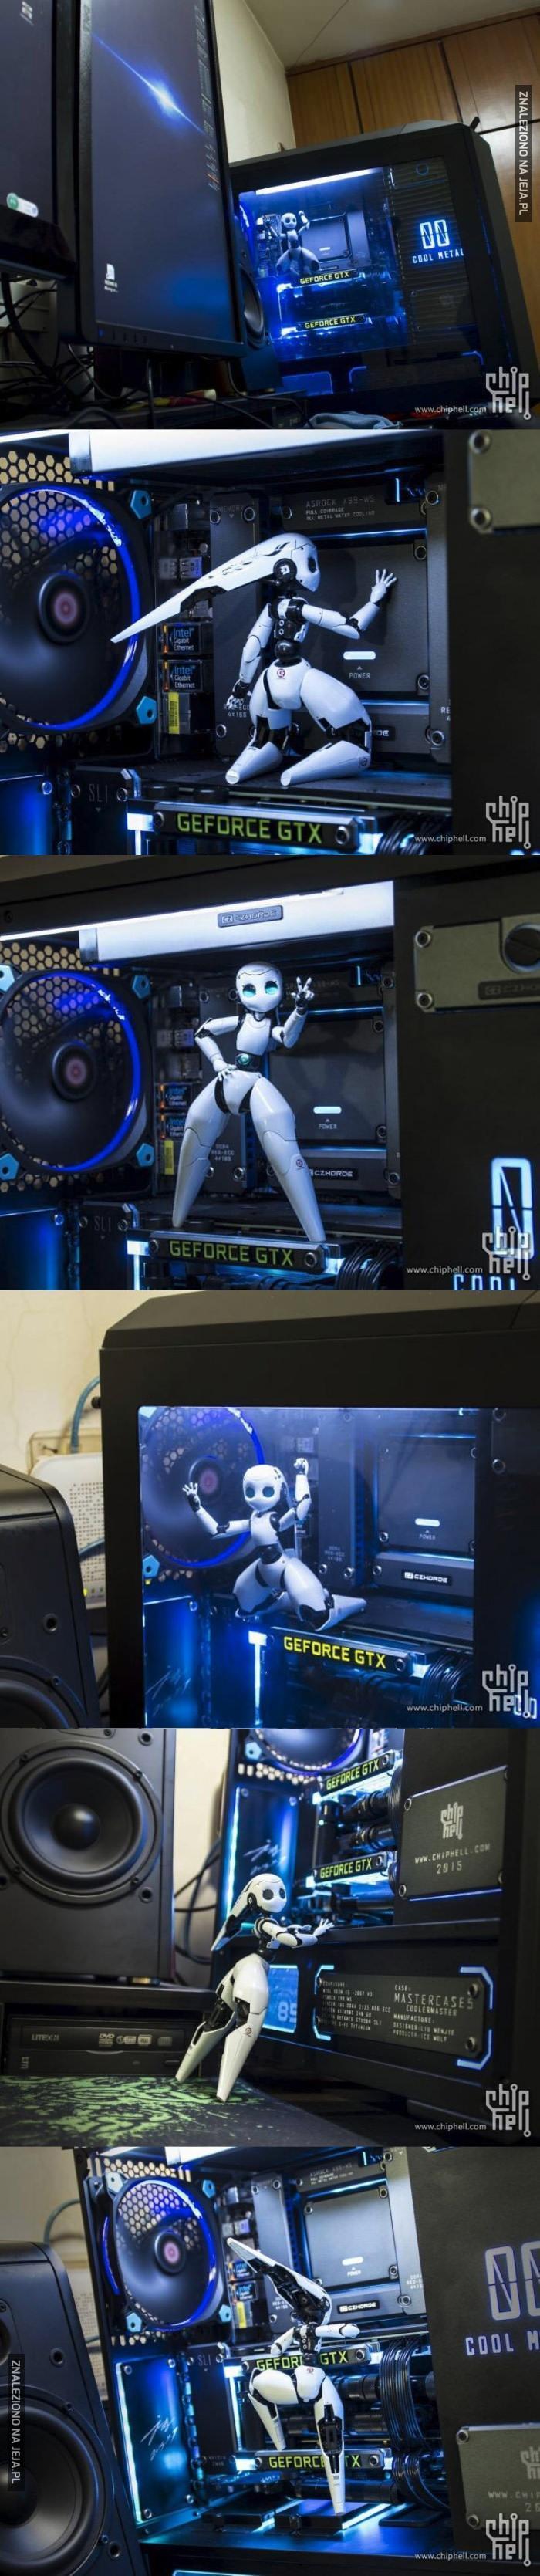 Gdyby tak zamieszkała w moim komputerze...